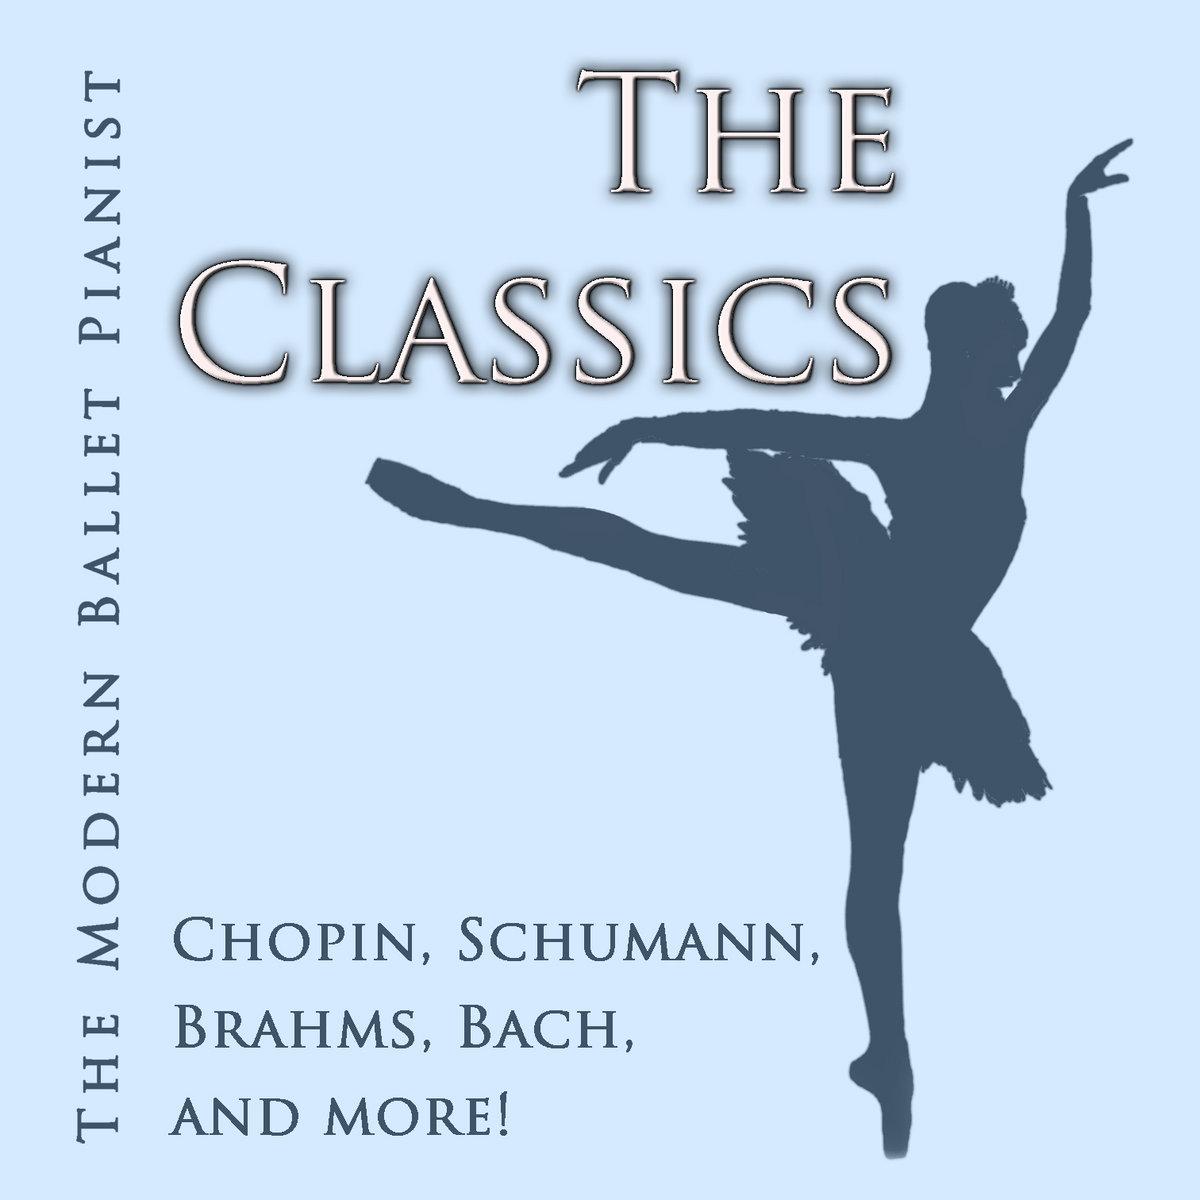 Small Jumps - Etude Op 25 No 4 - Chopin | The Modern Ballet